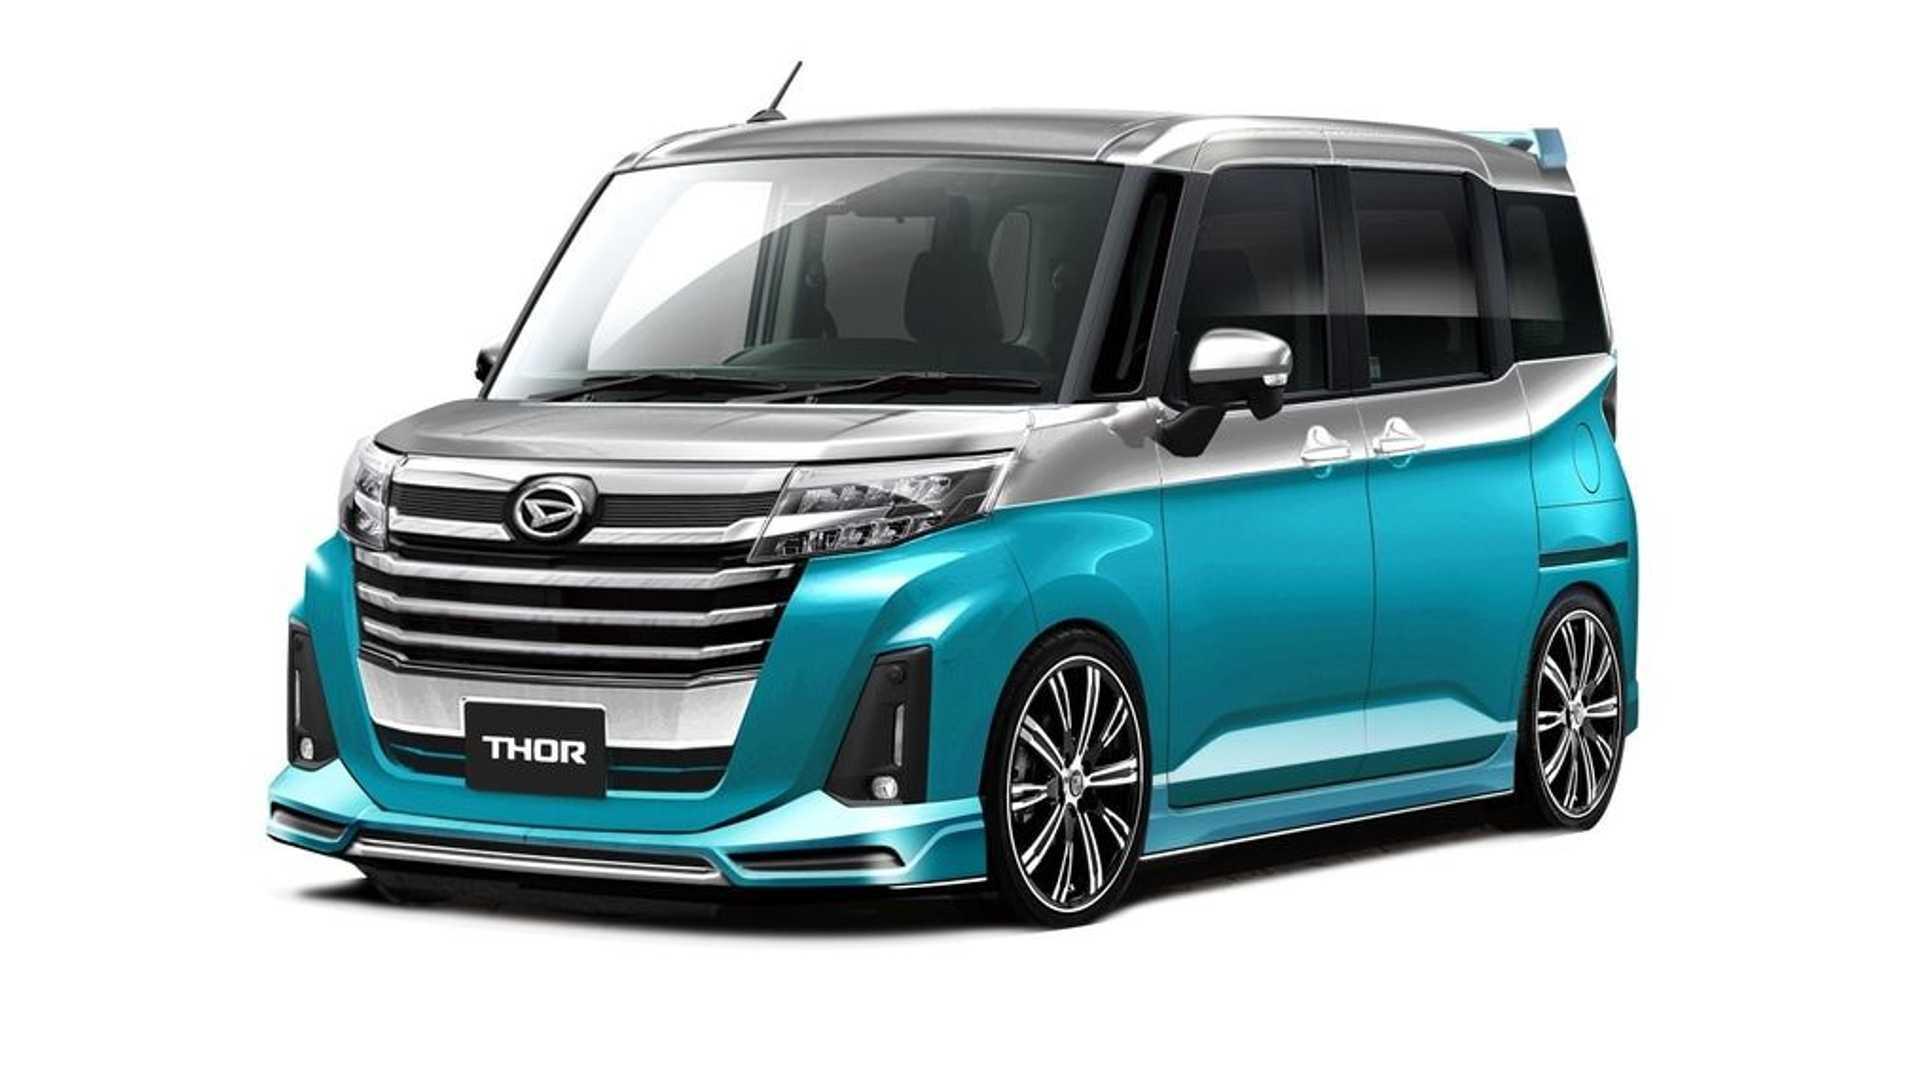 Daihatsu Thor Premium Ver D-Sport